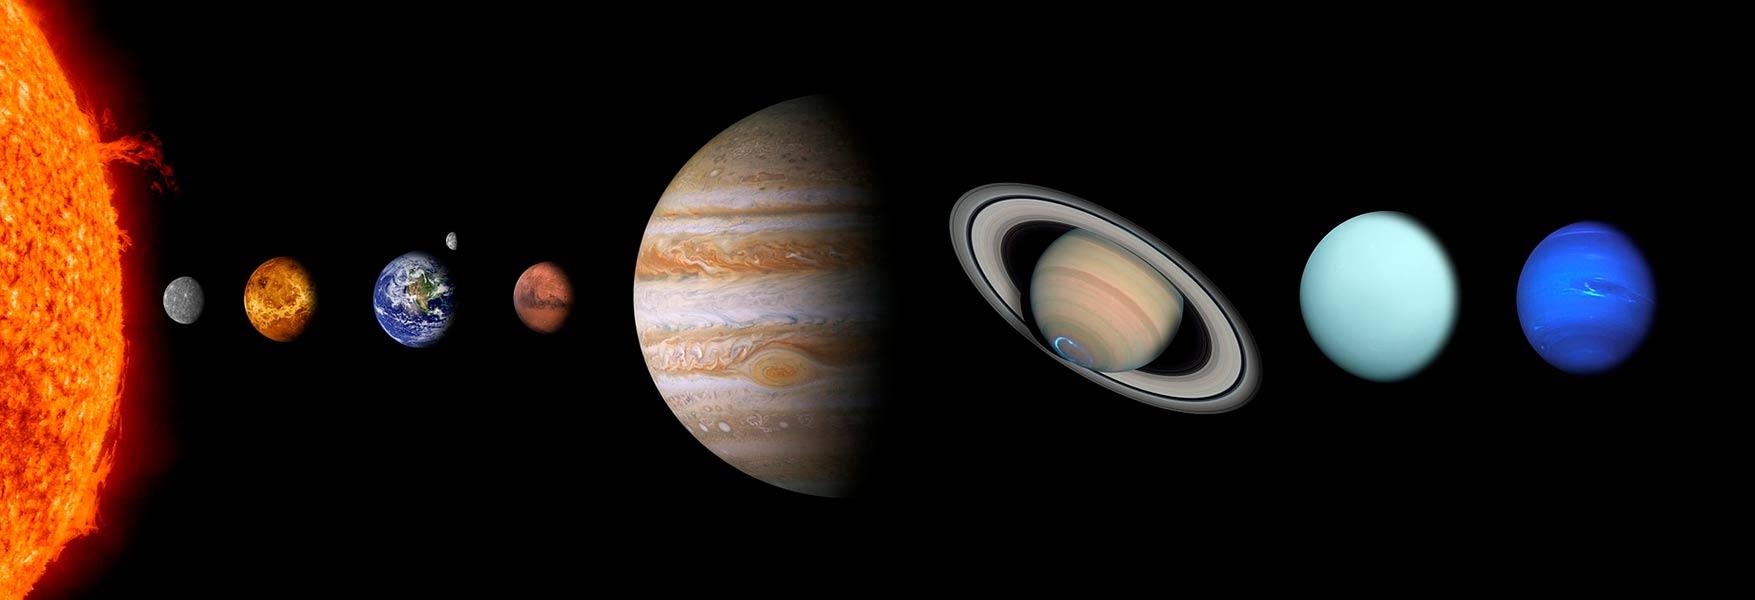 Los Planetas Del Sistema Solar Y La Definición De La Unión